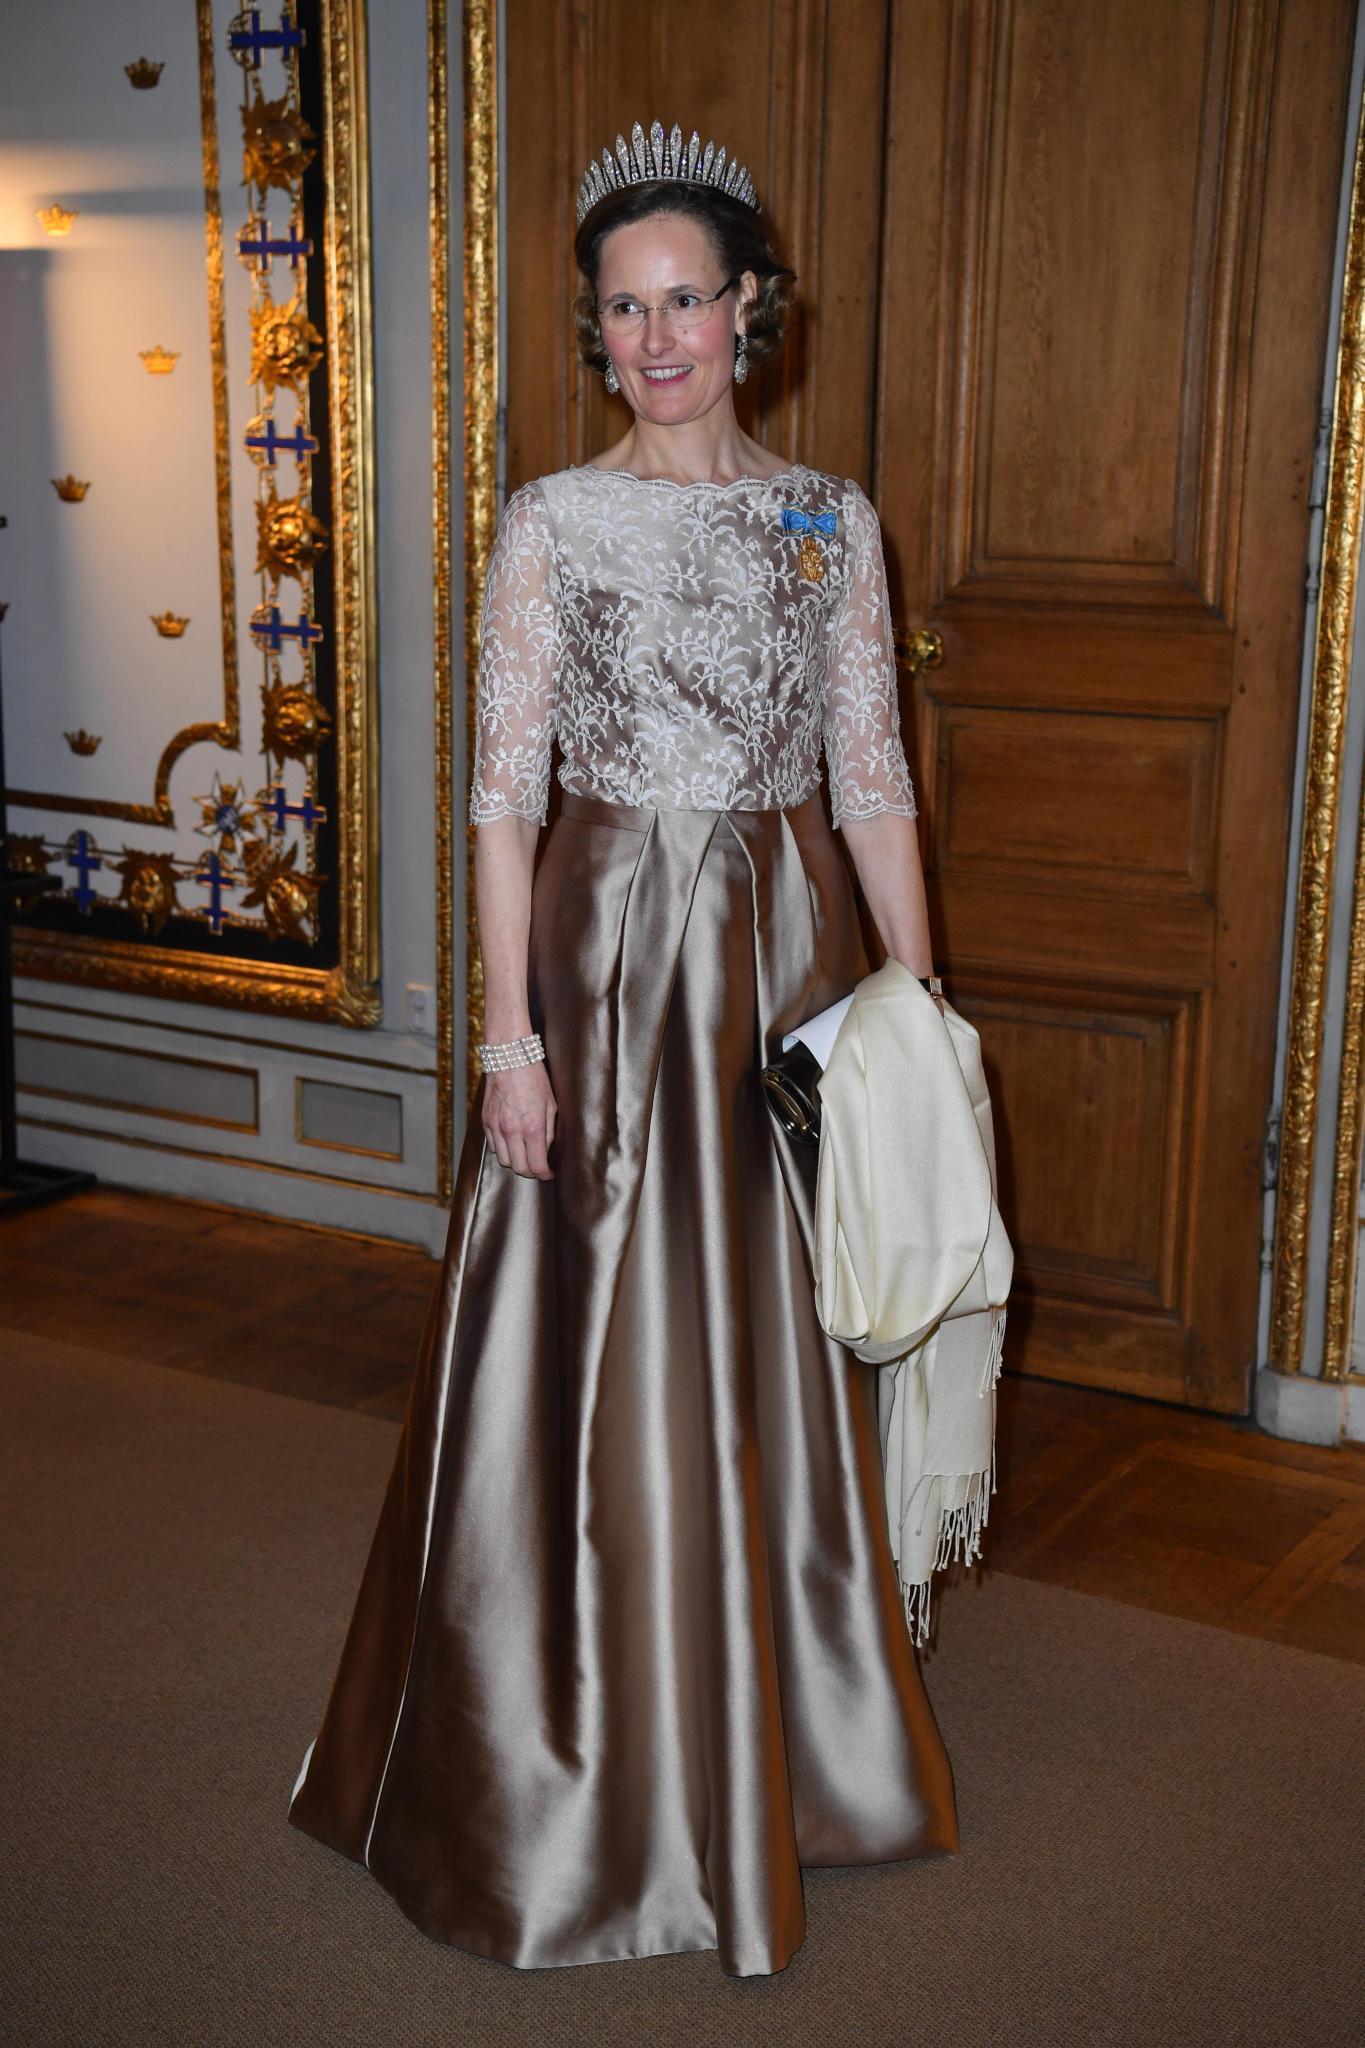 Erbprinzessin Sophie von Liechtenstein